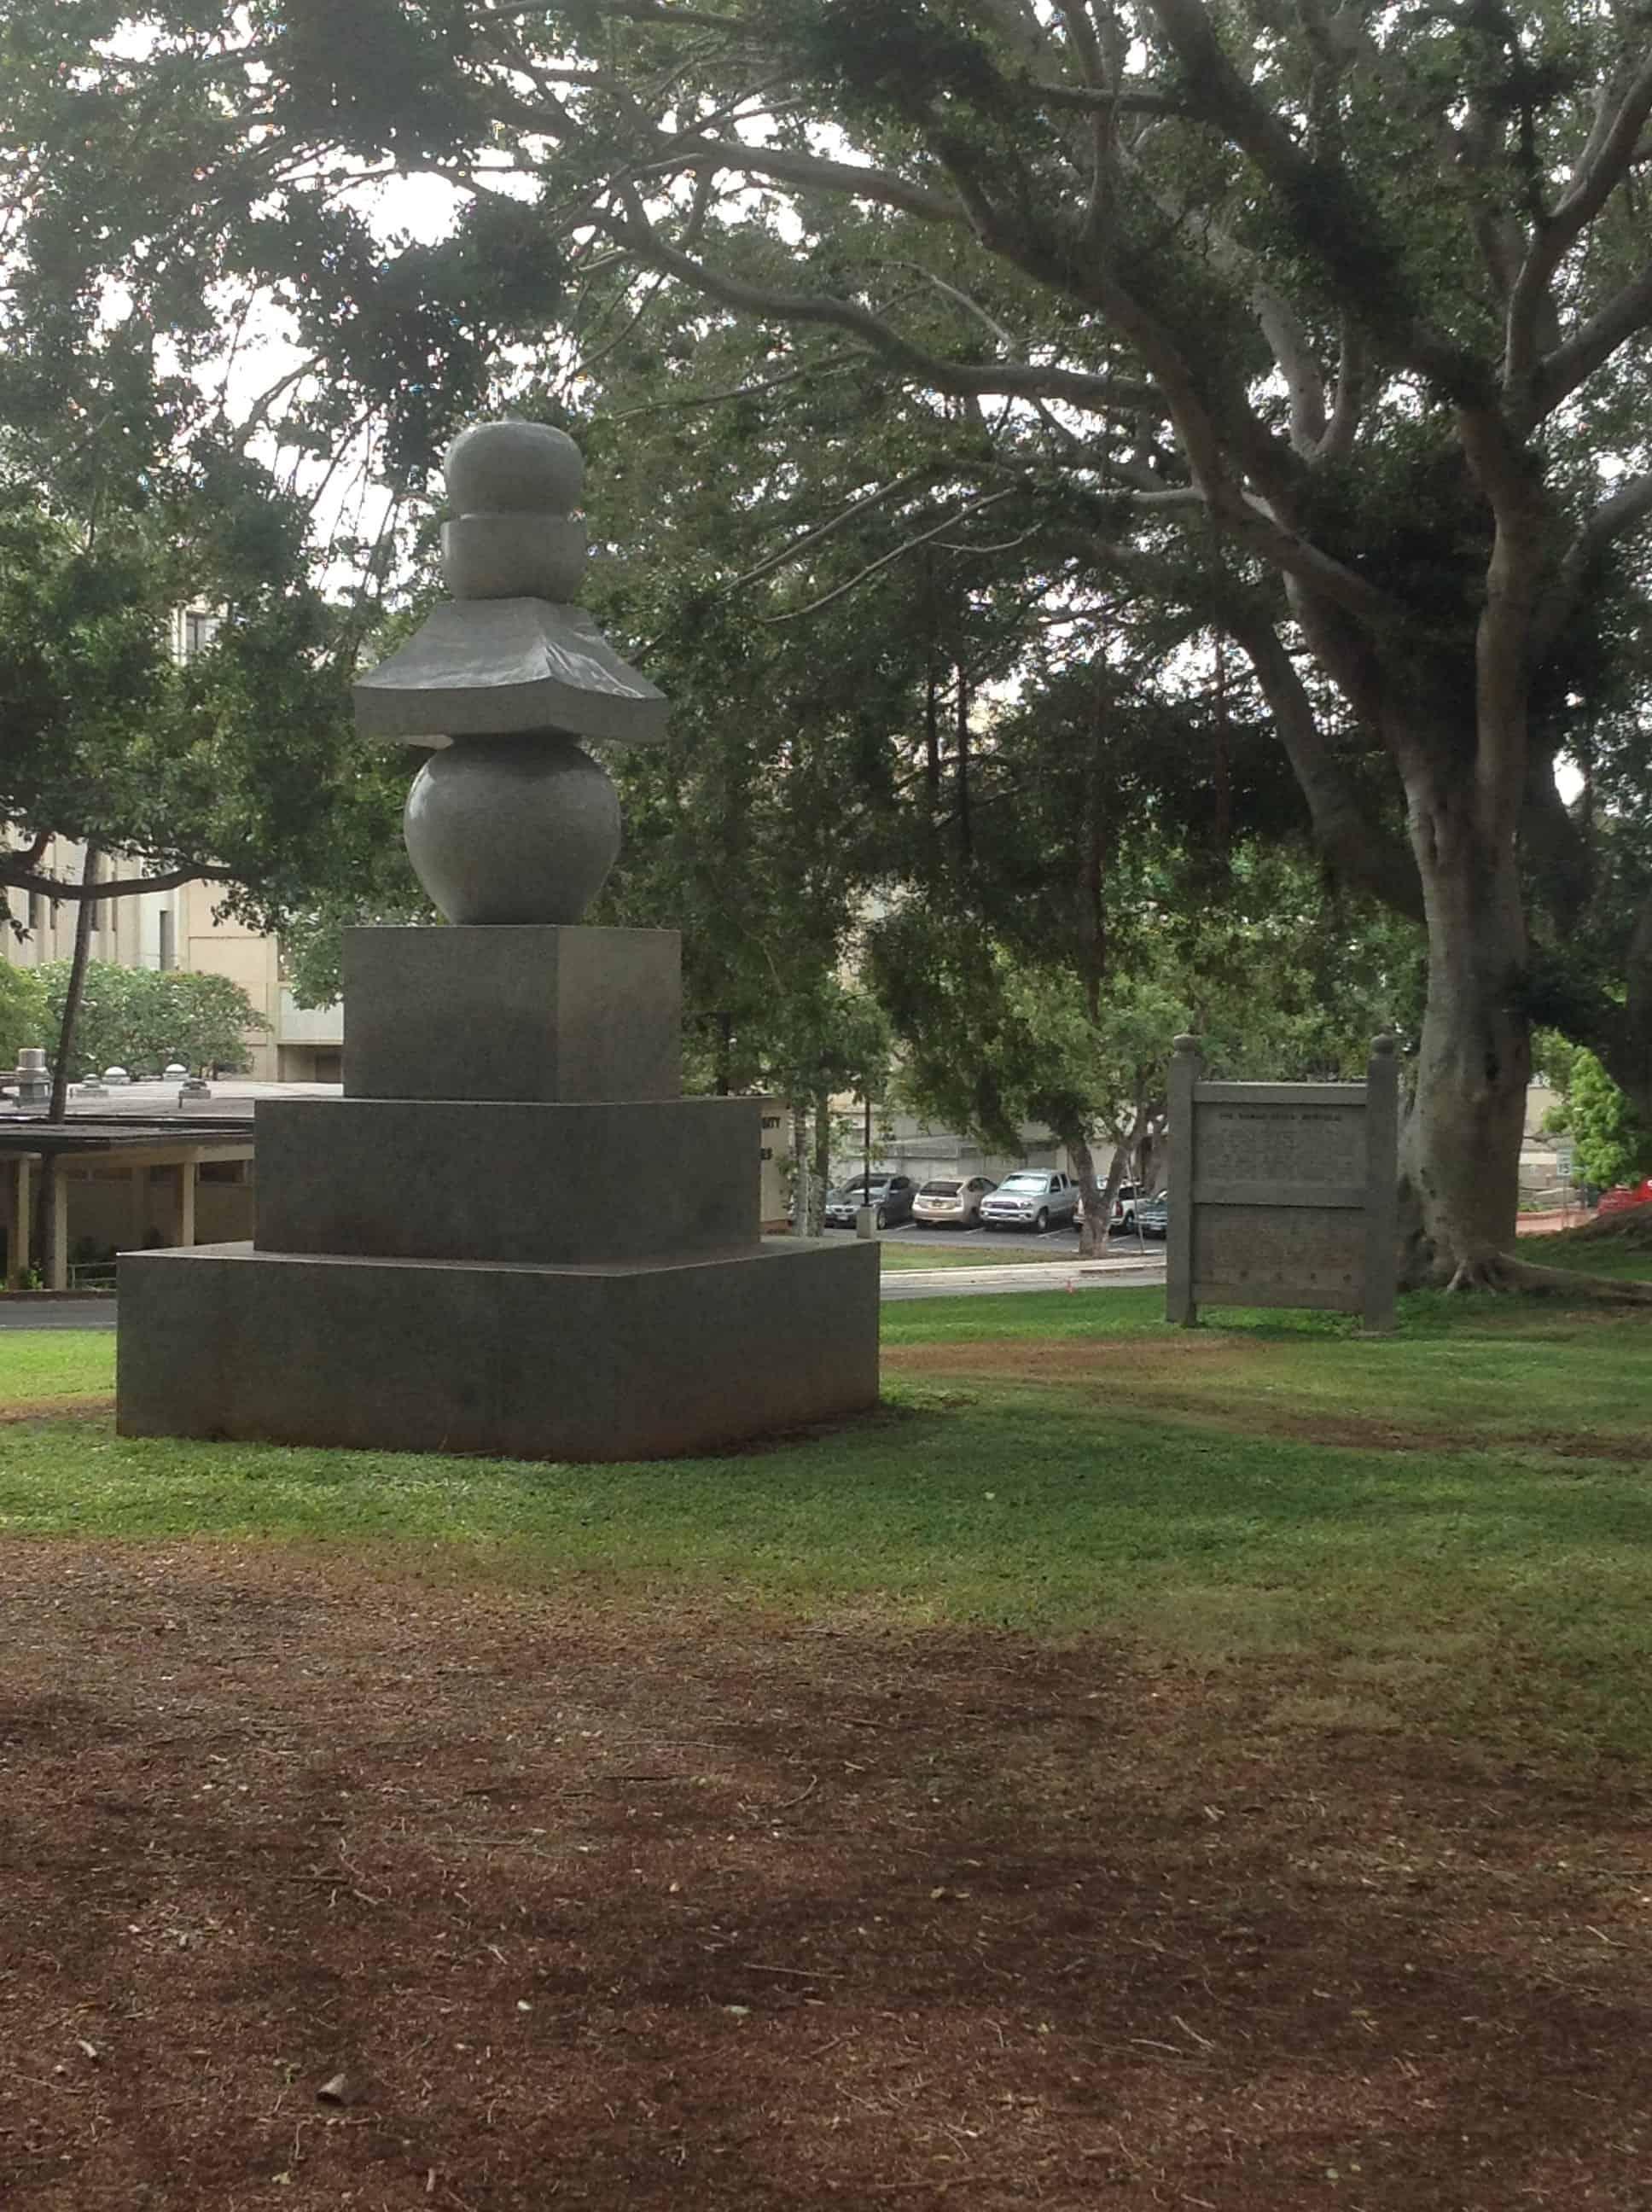 Sculpture near East-West Center